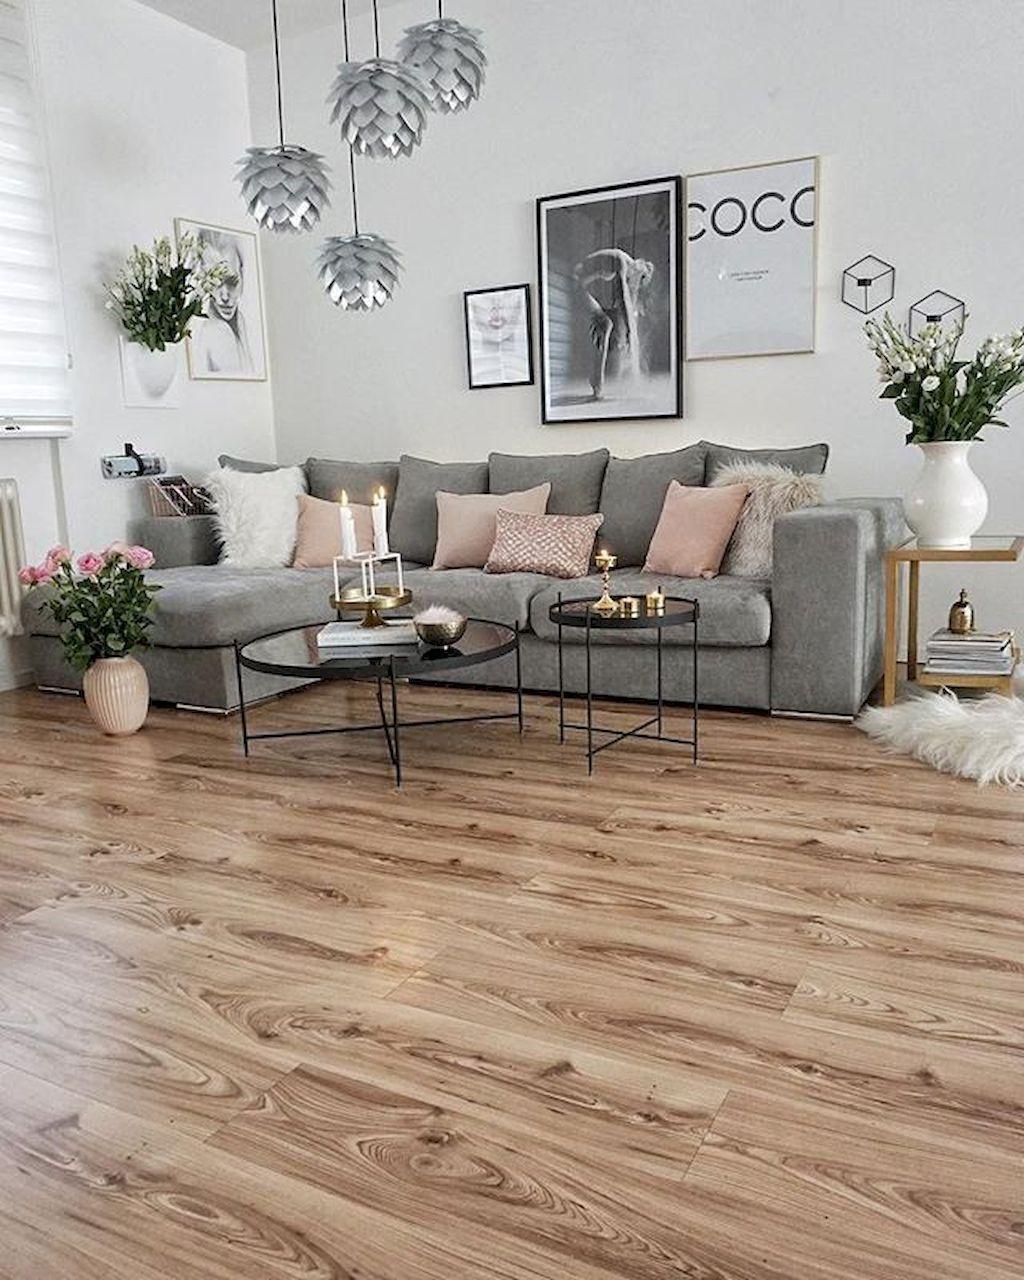 44 Lovely Shabby Chic Living Room Decor Ideas - inndecro ...